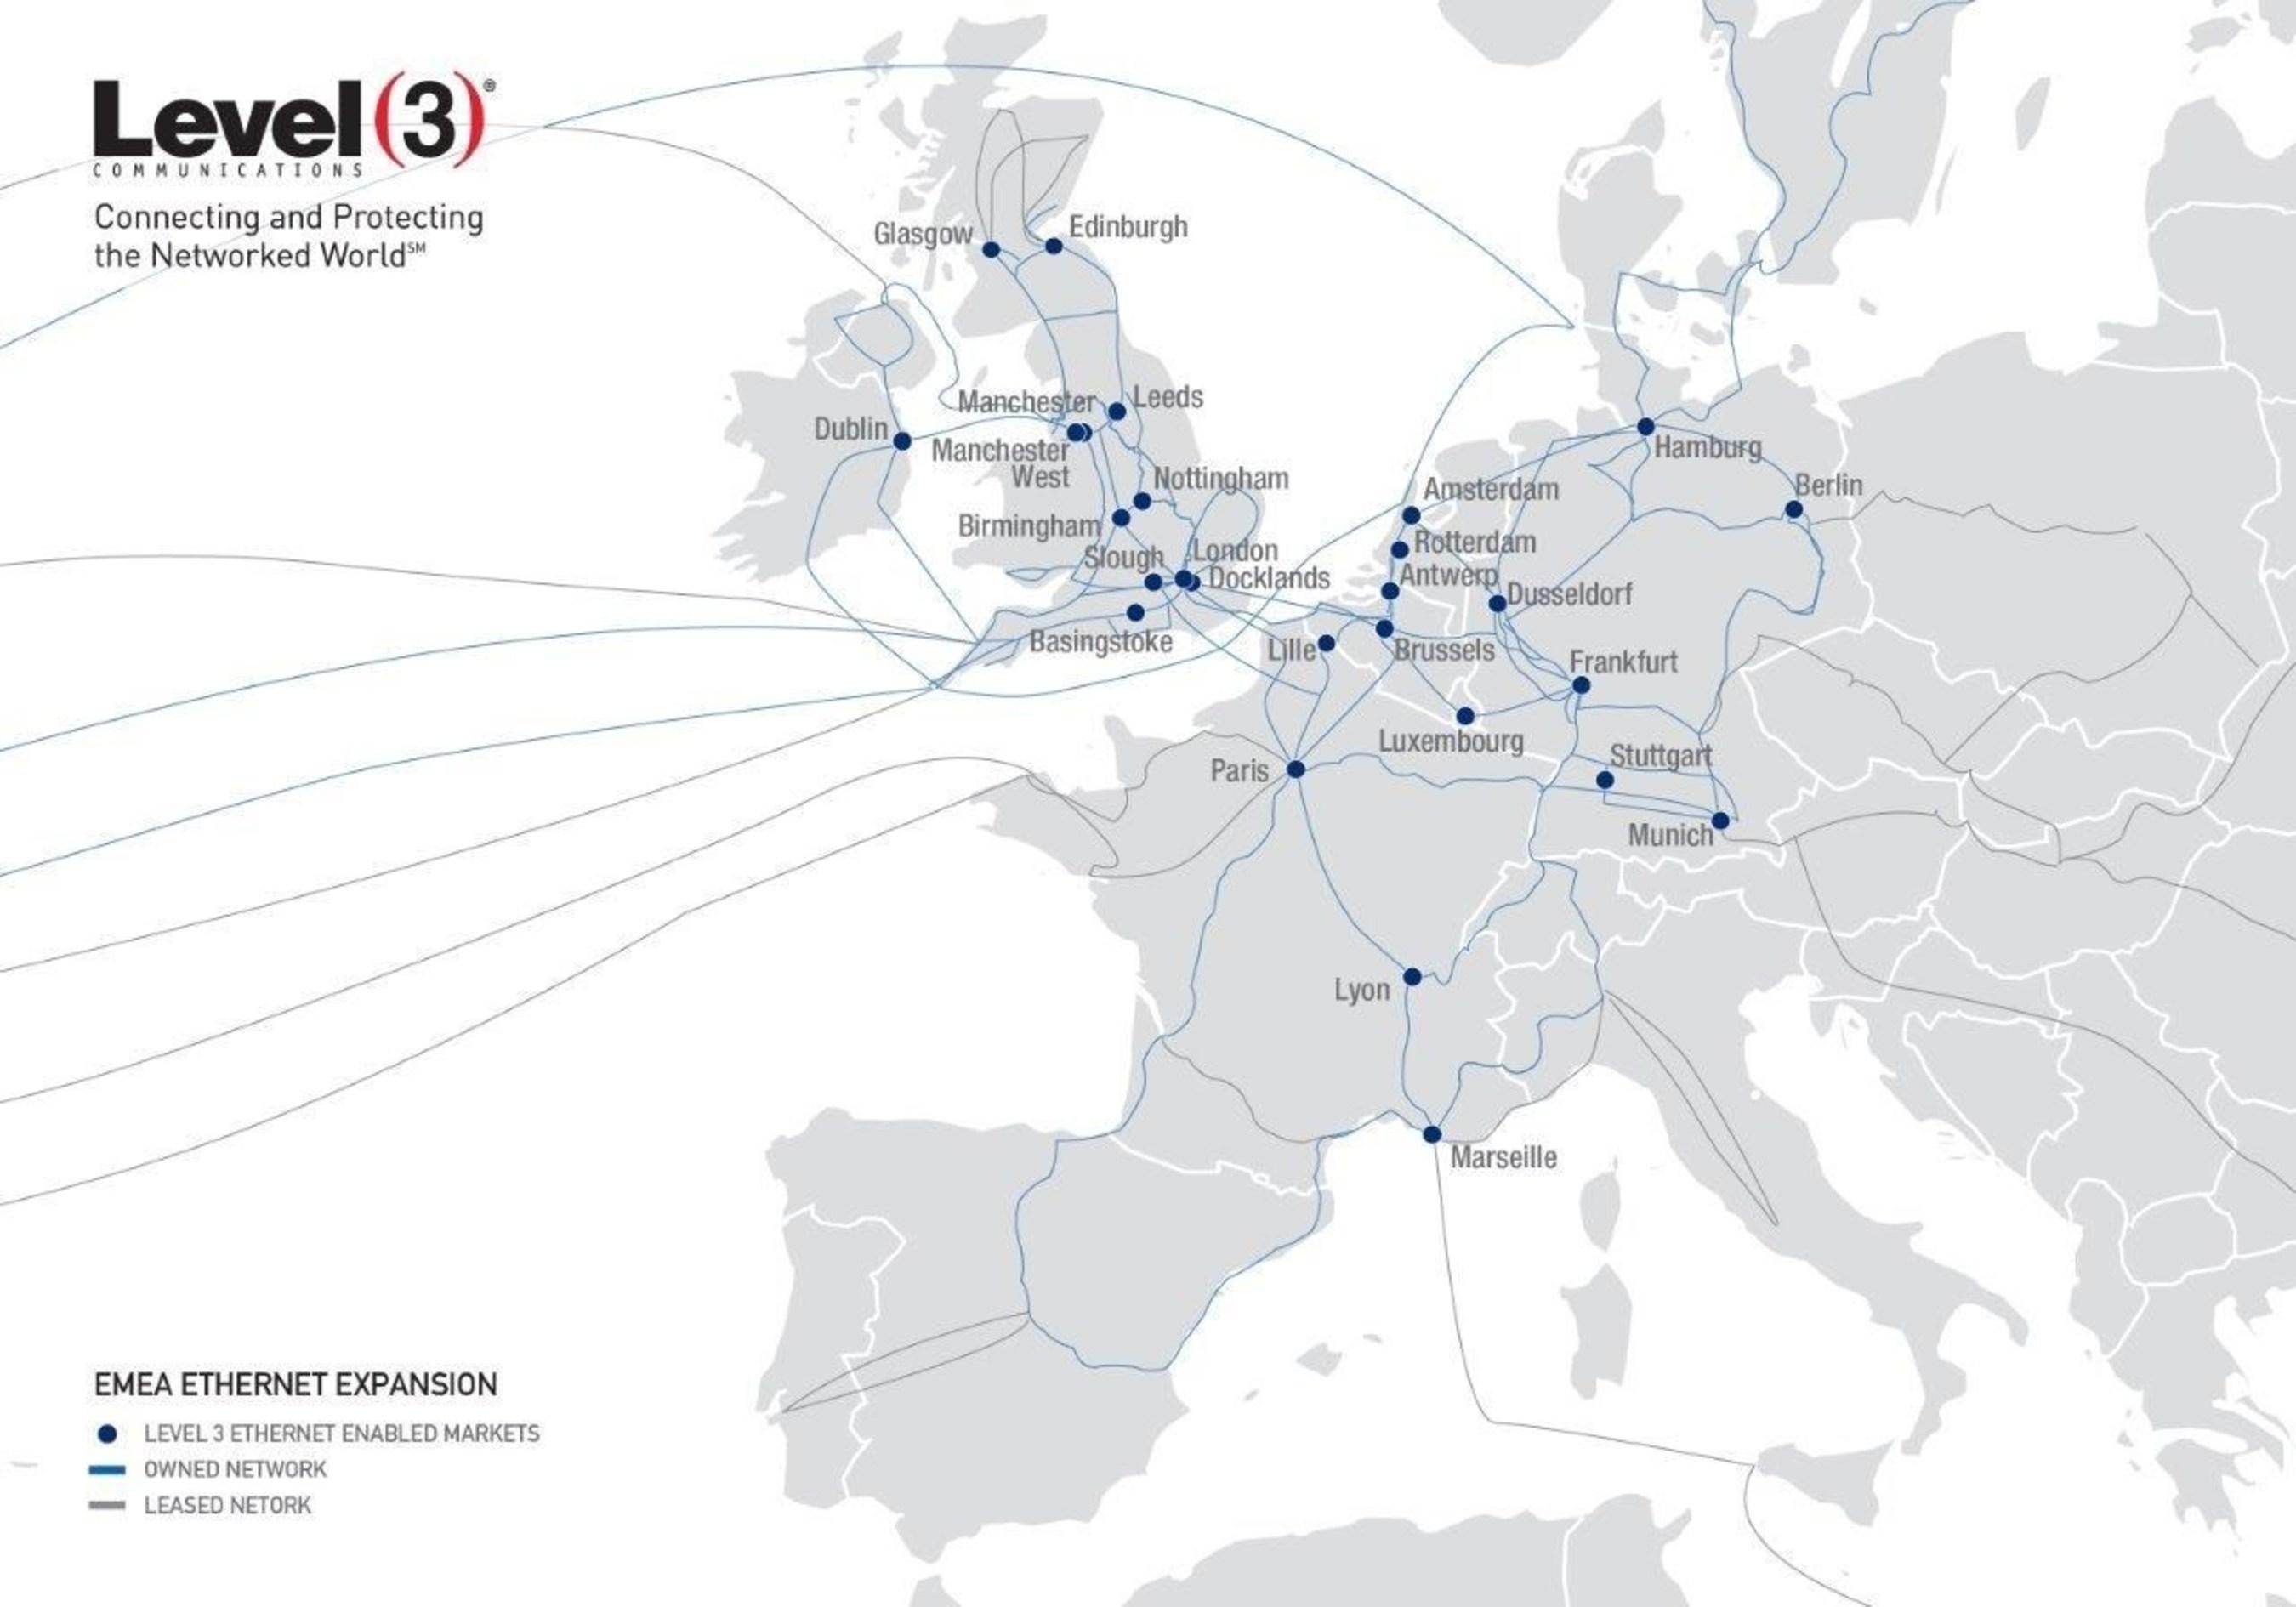 Level 3 bringt seine MEF 2.0 Carrier Ethernet Services nach Europa